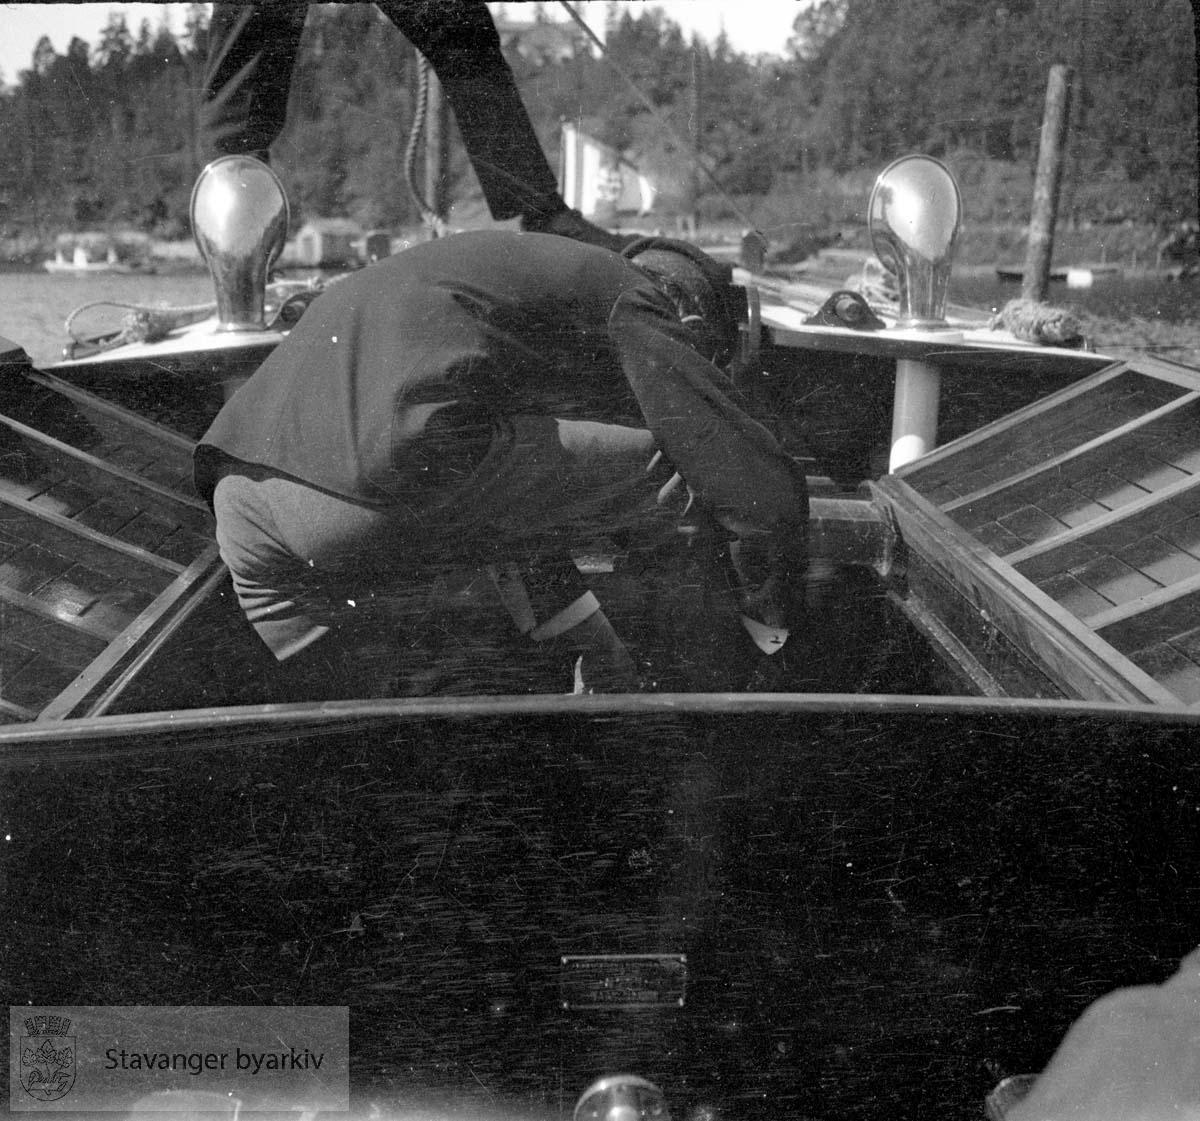 Mann i båt ...Seilbåt.Seilskute